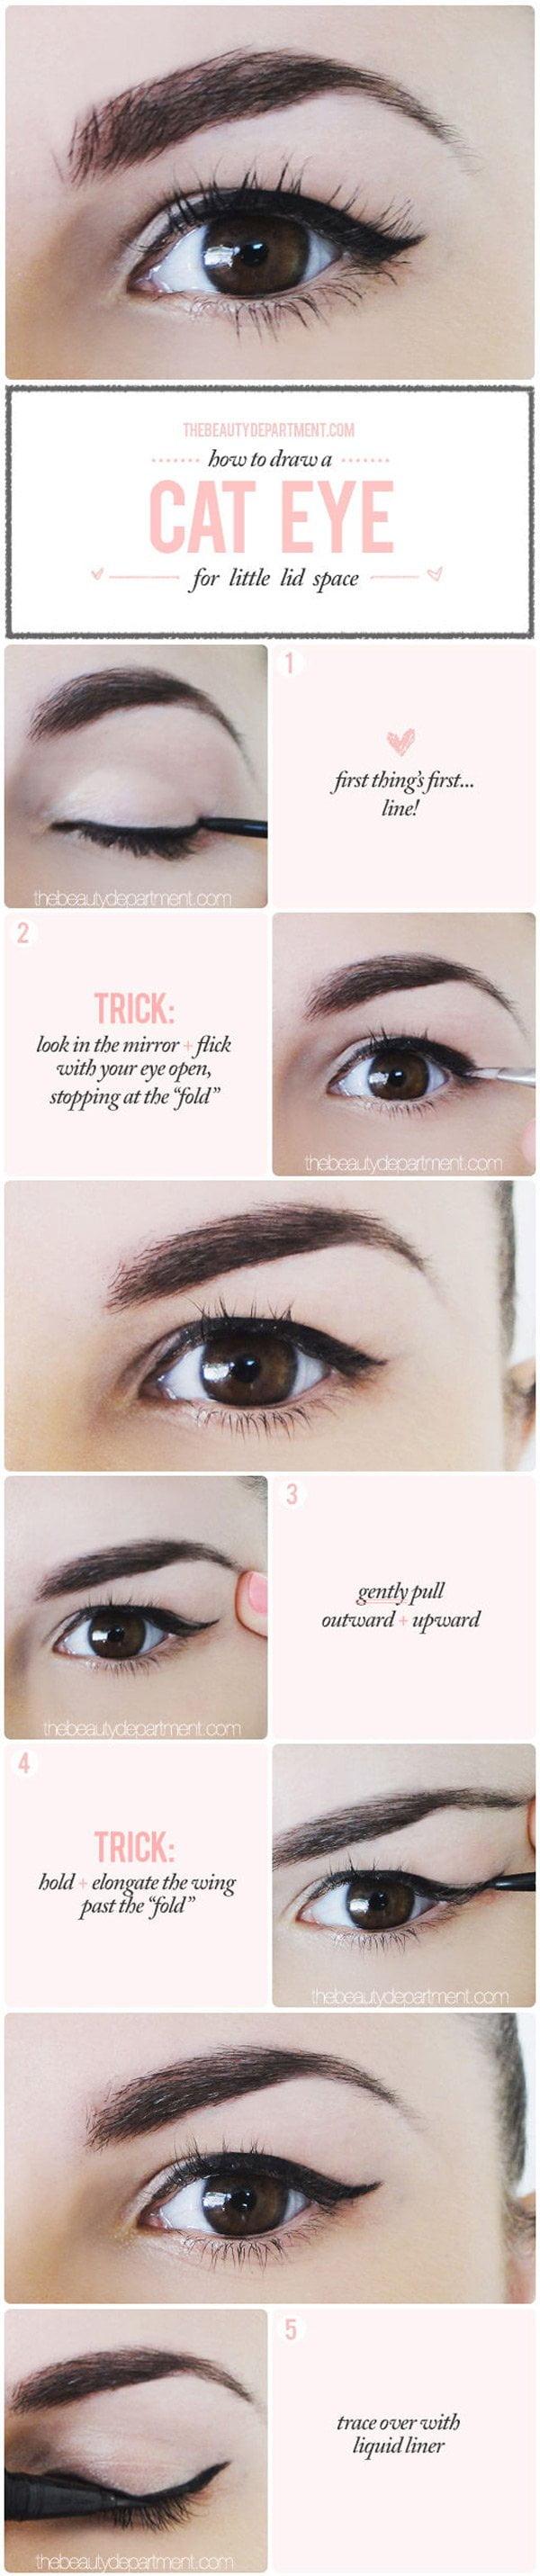 Cat Eye für Schlupflider (Die besten Augen Make-Up Tutorials auf Pinterest)